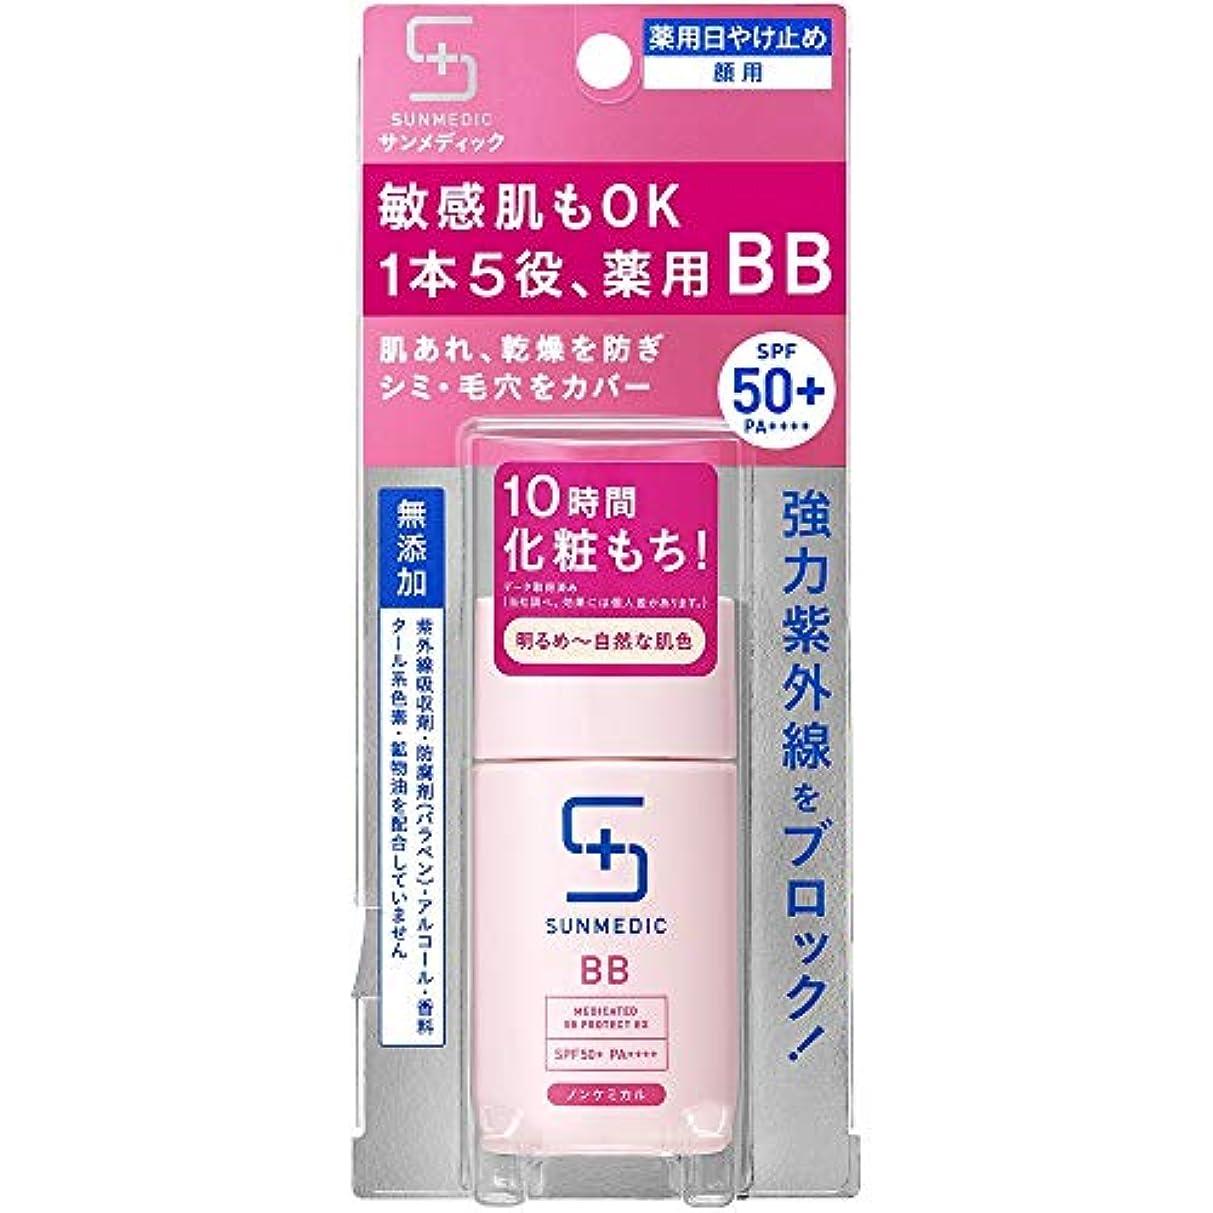 のためにナサニエル区努力サンメディックUV 薬用BBプロテクトEX ライト 30ml (医薬部外品)